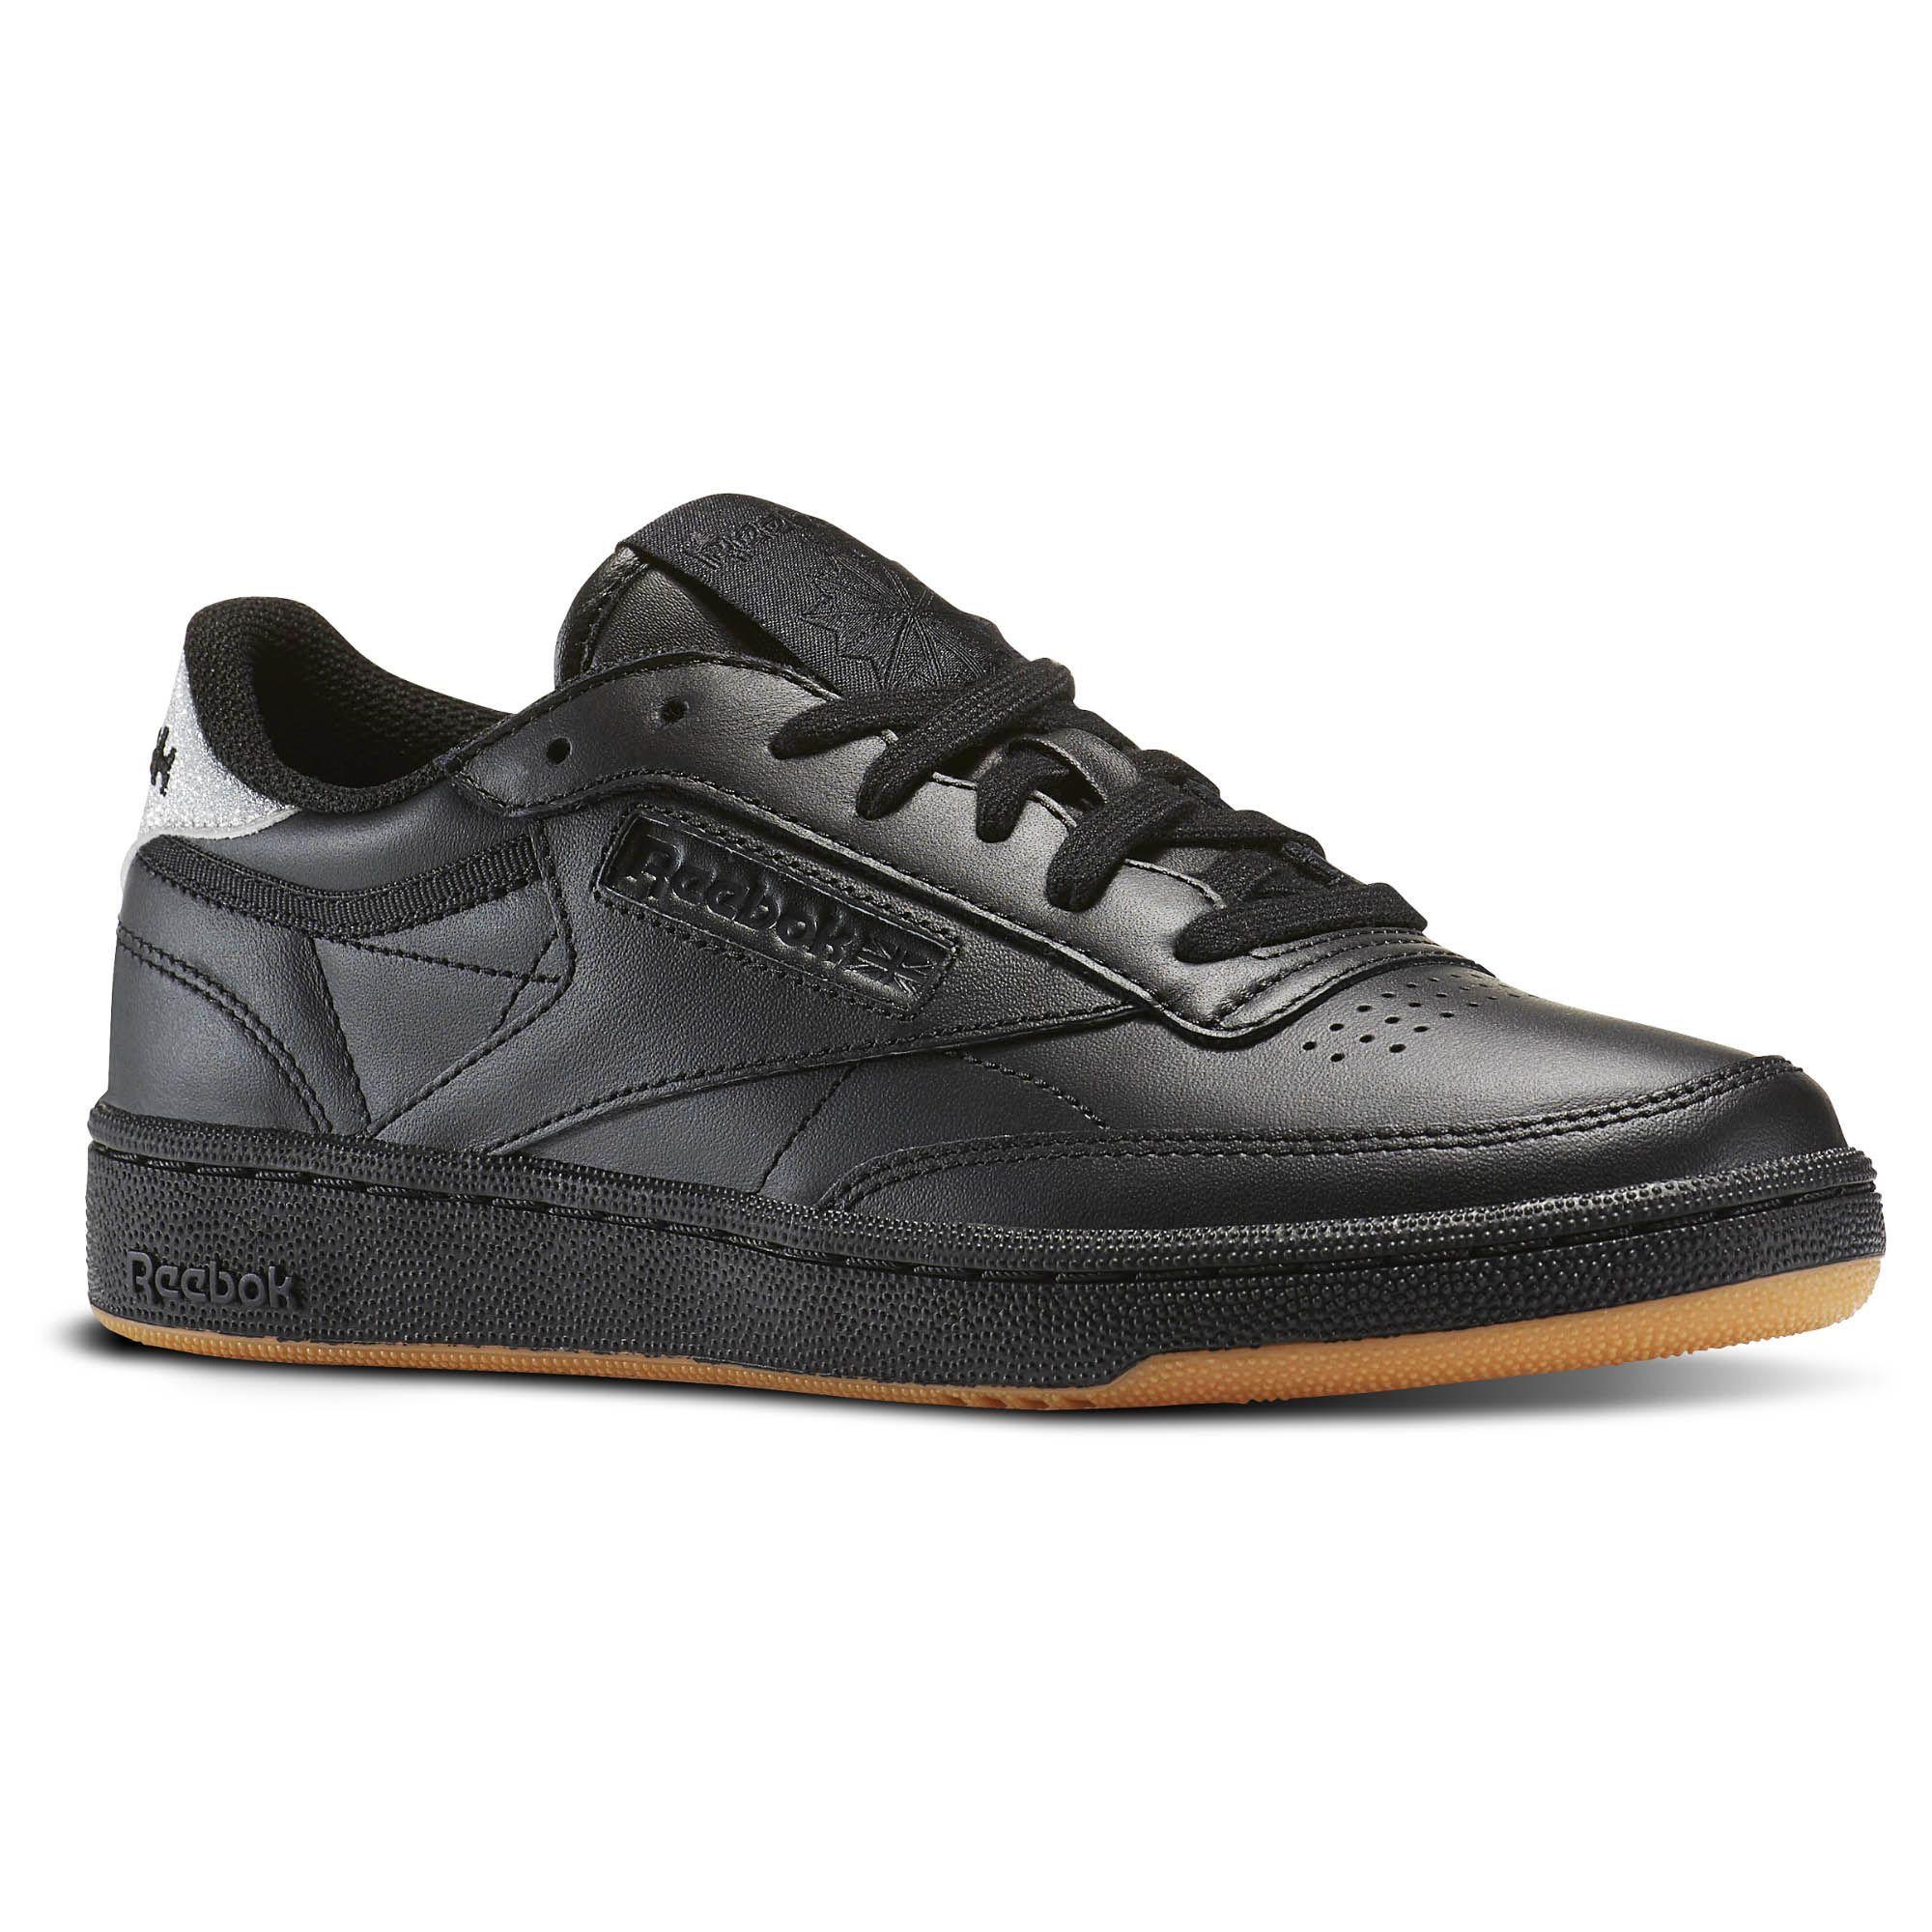 Bajo mandato arcilla punto final  Reebok - Club C 85 Diamond | Reebok club, Diamond shoes, Reebok shoes